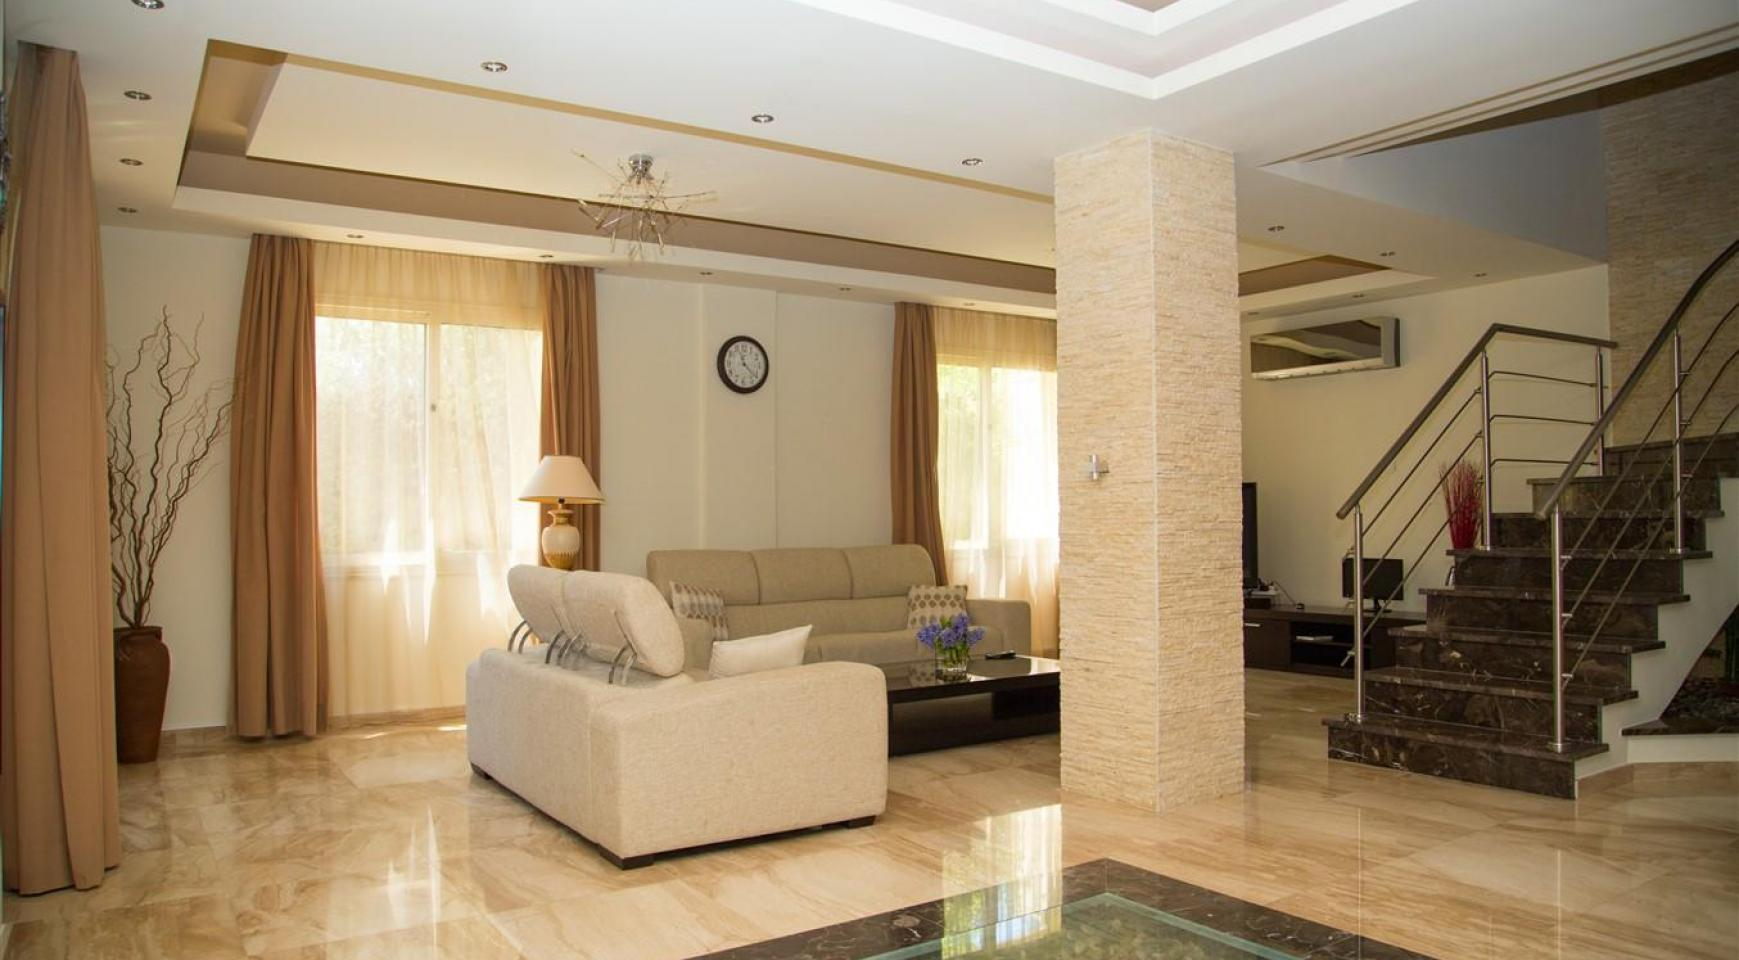 Luxurious 4 Bedroom Villa near the Sea - 3